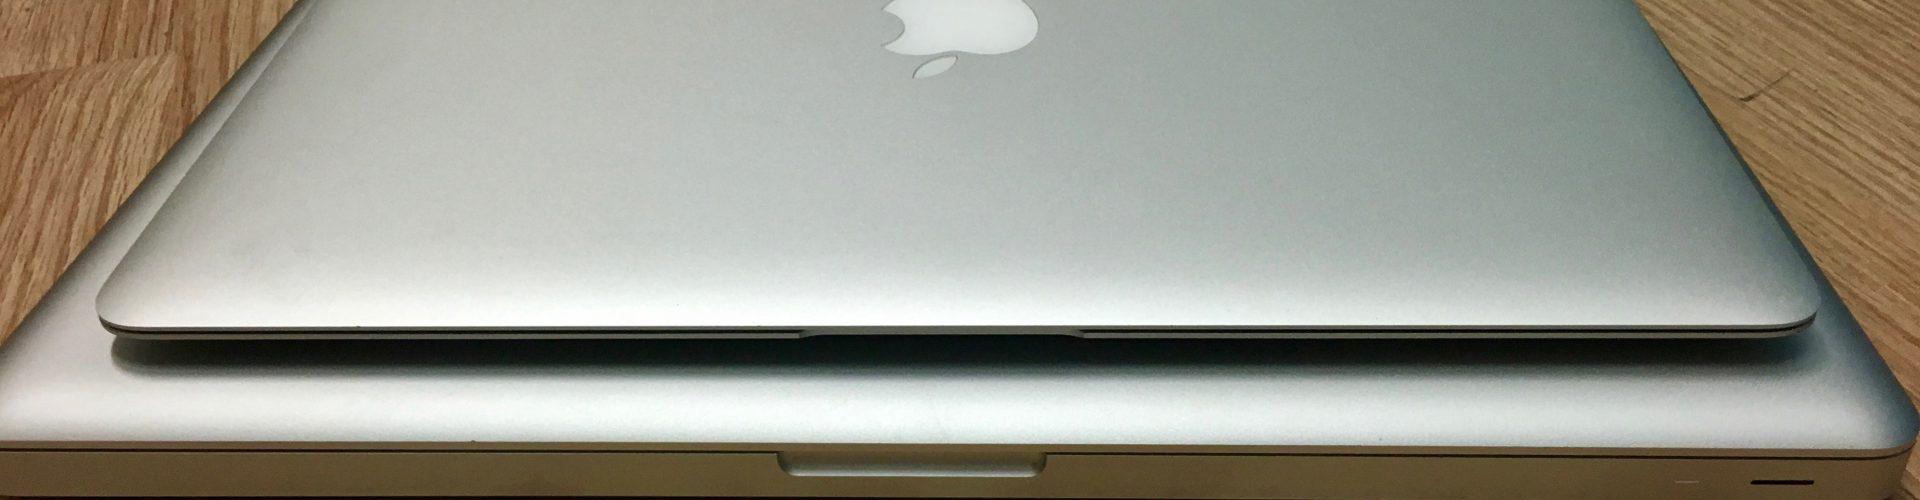 ремонт ноутбуков Apple в Праге